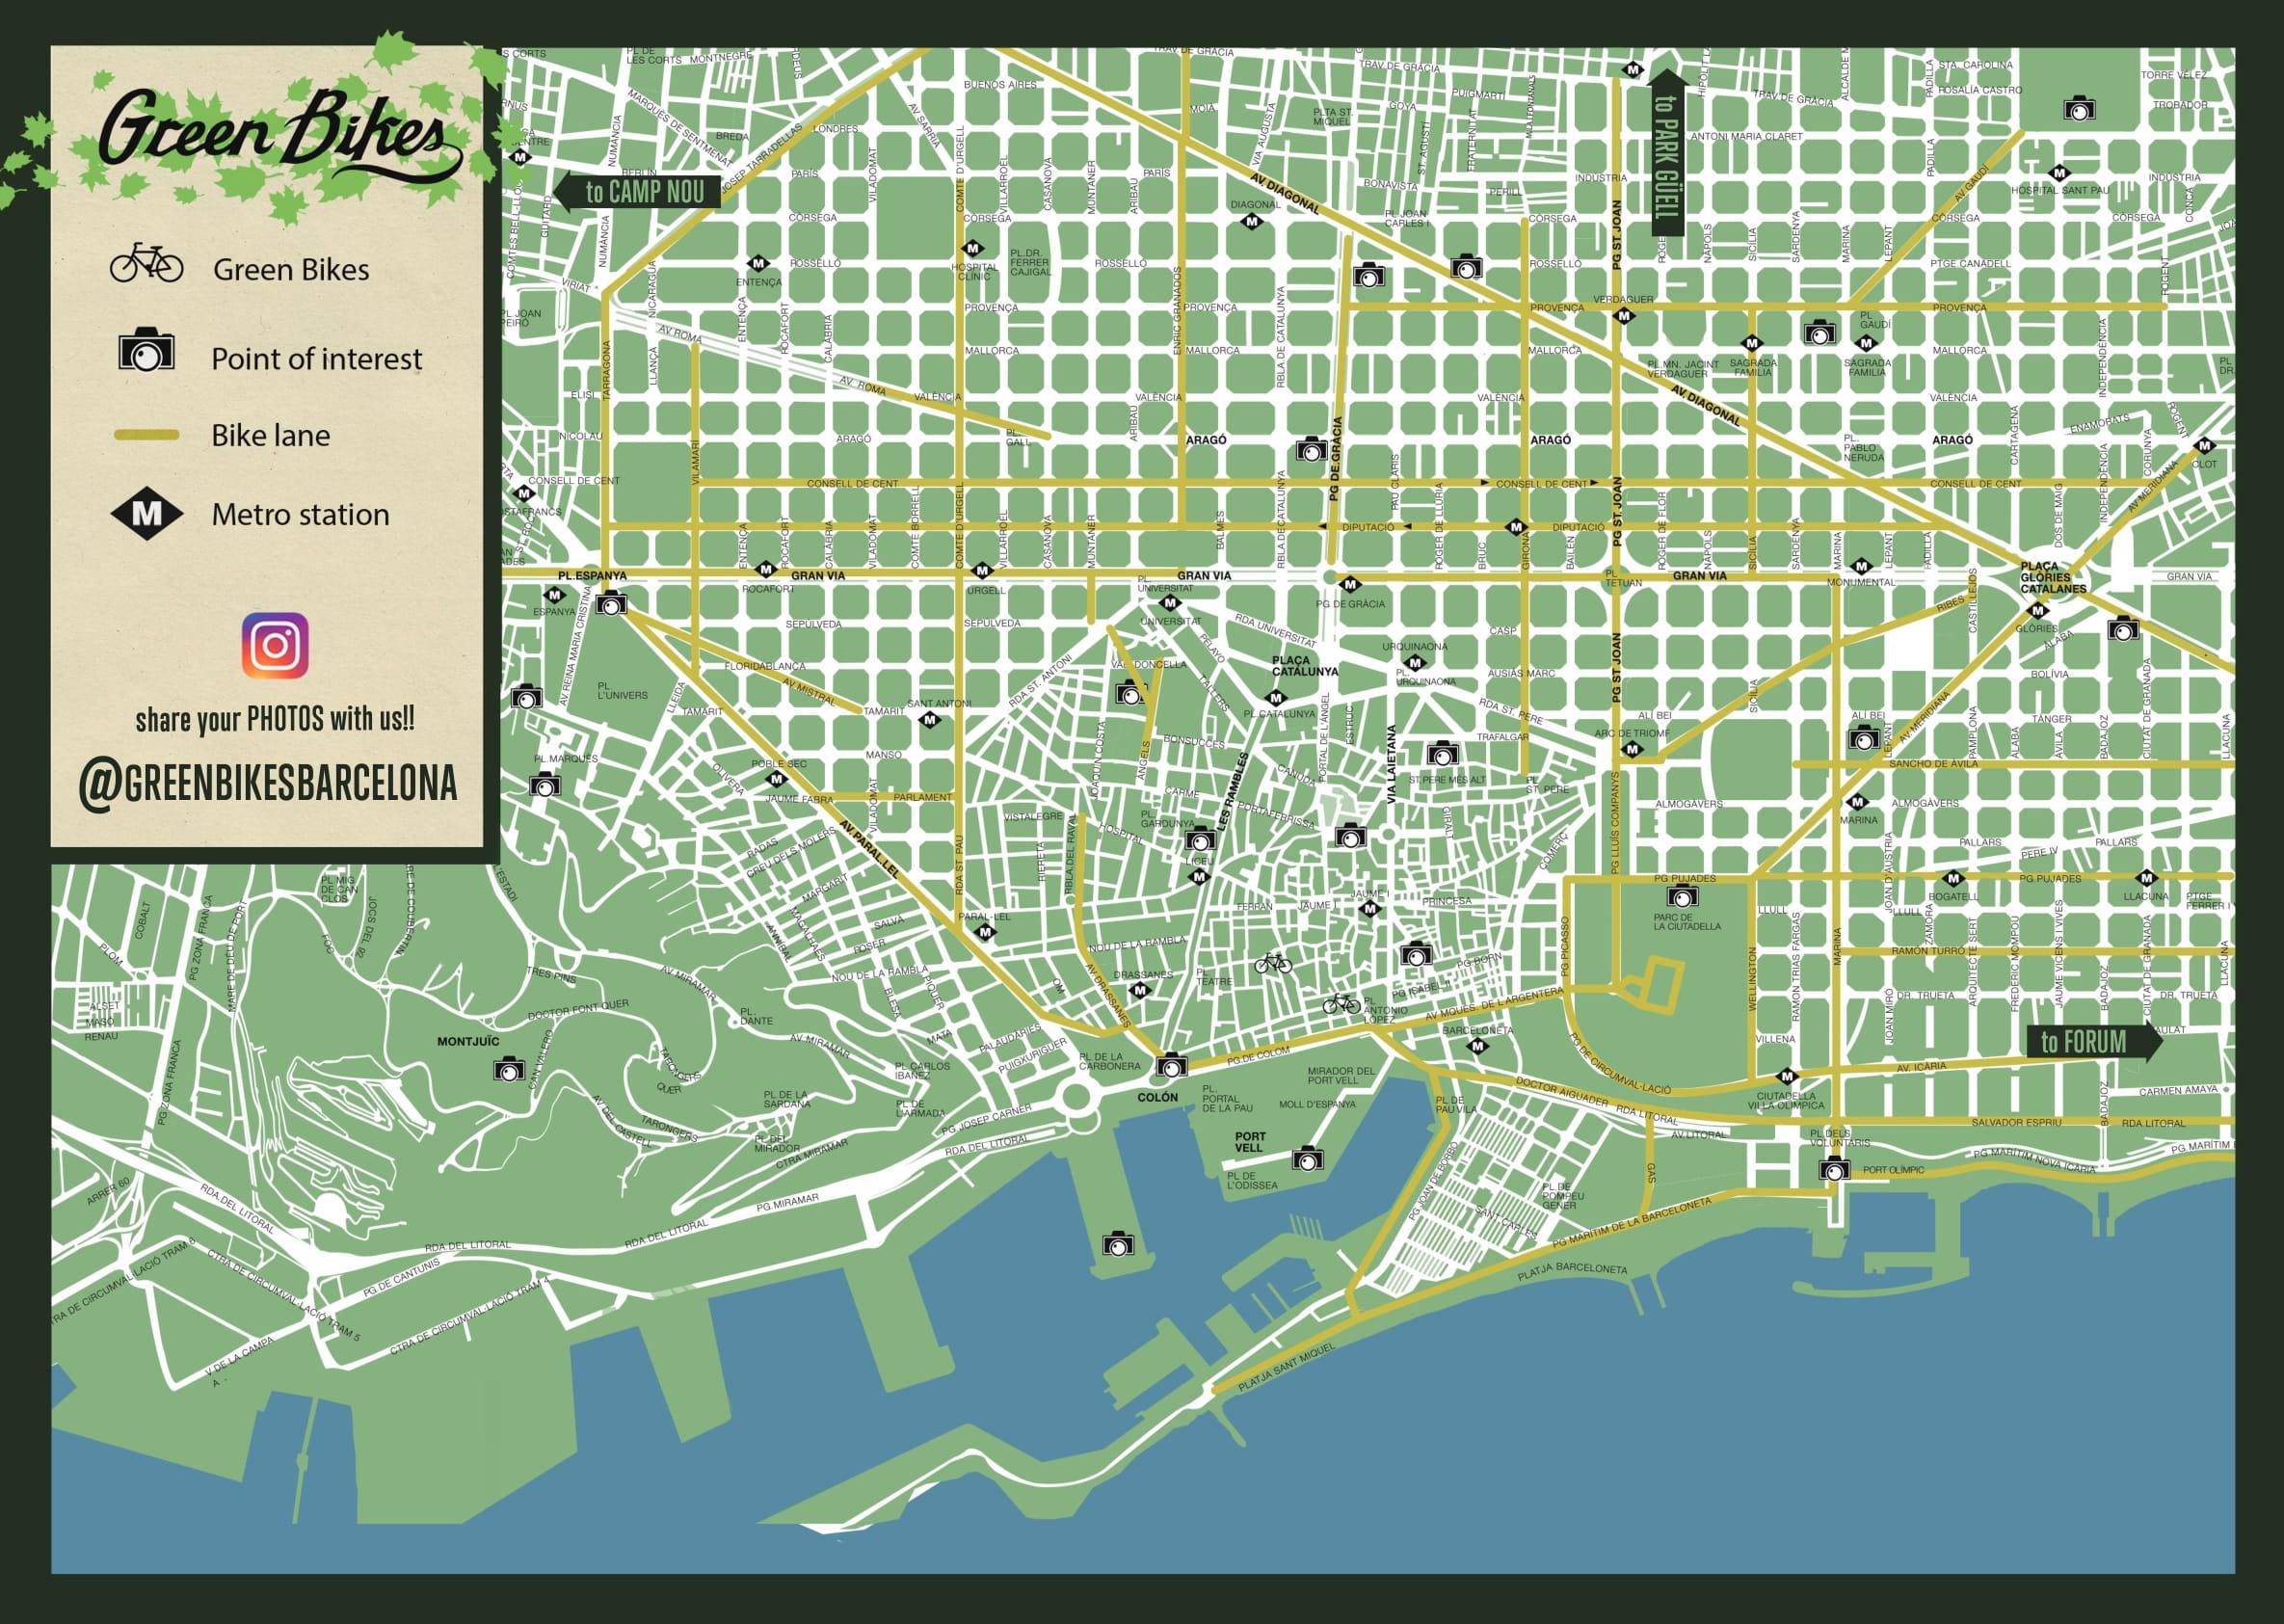 BARCELONA BIKE LANE MAP